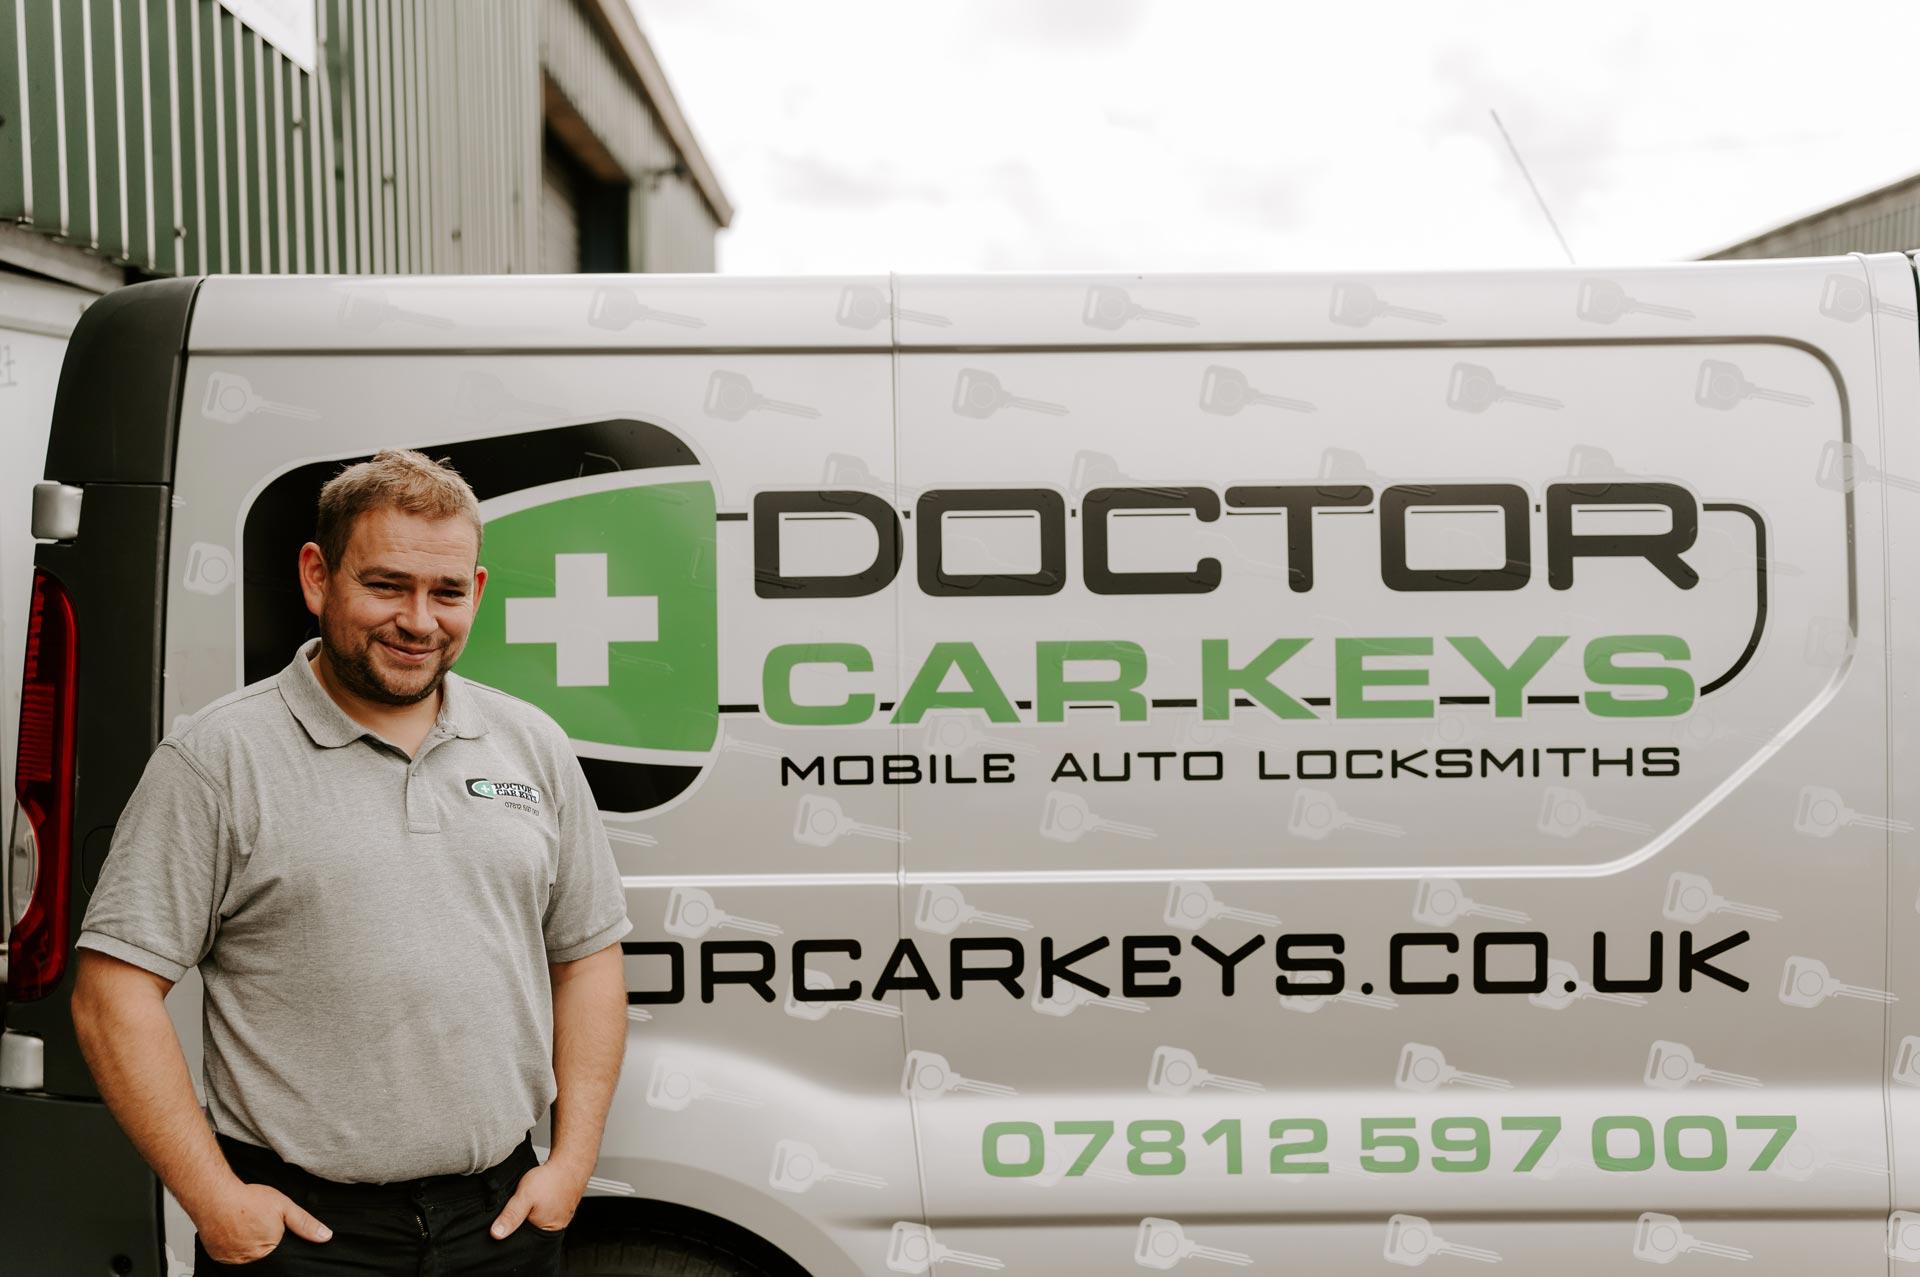 Auto Locksmiths in Windsor